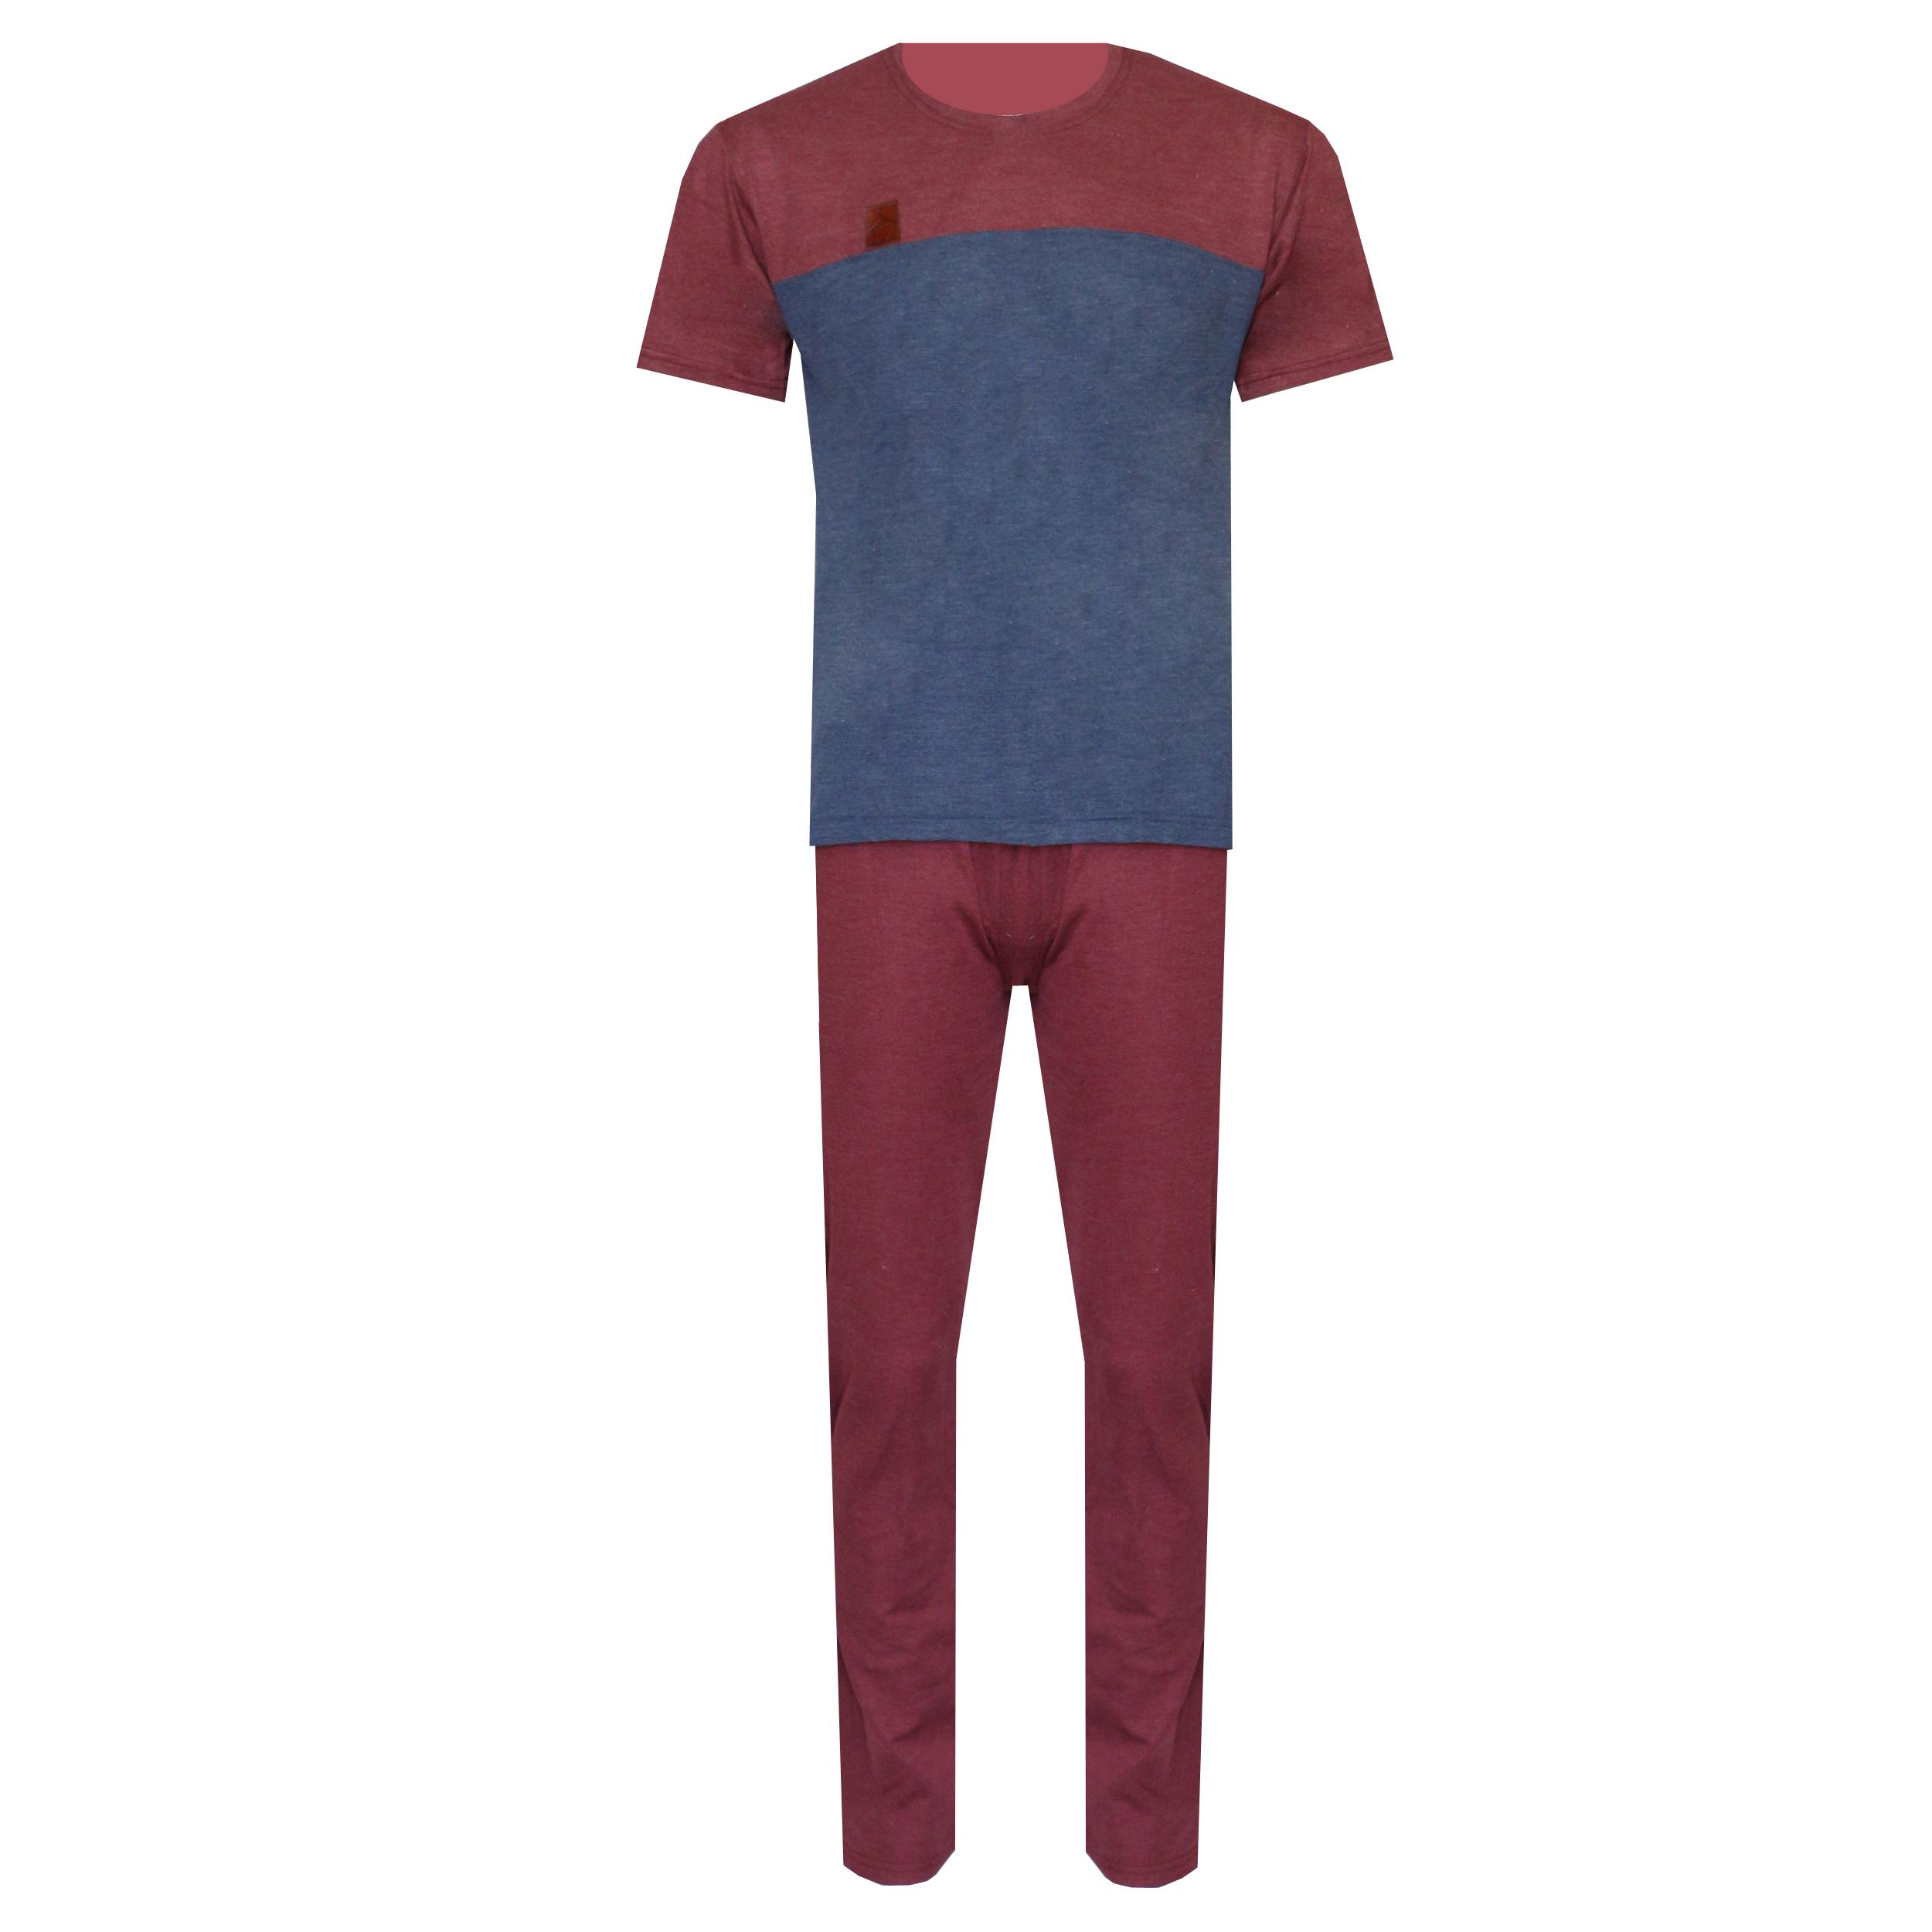 ست تی شرت و شلوار مردانه لباس خونه کد 990730 رنگ زرشکی